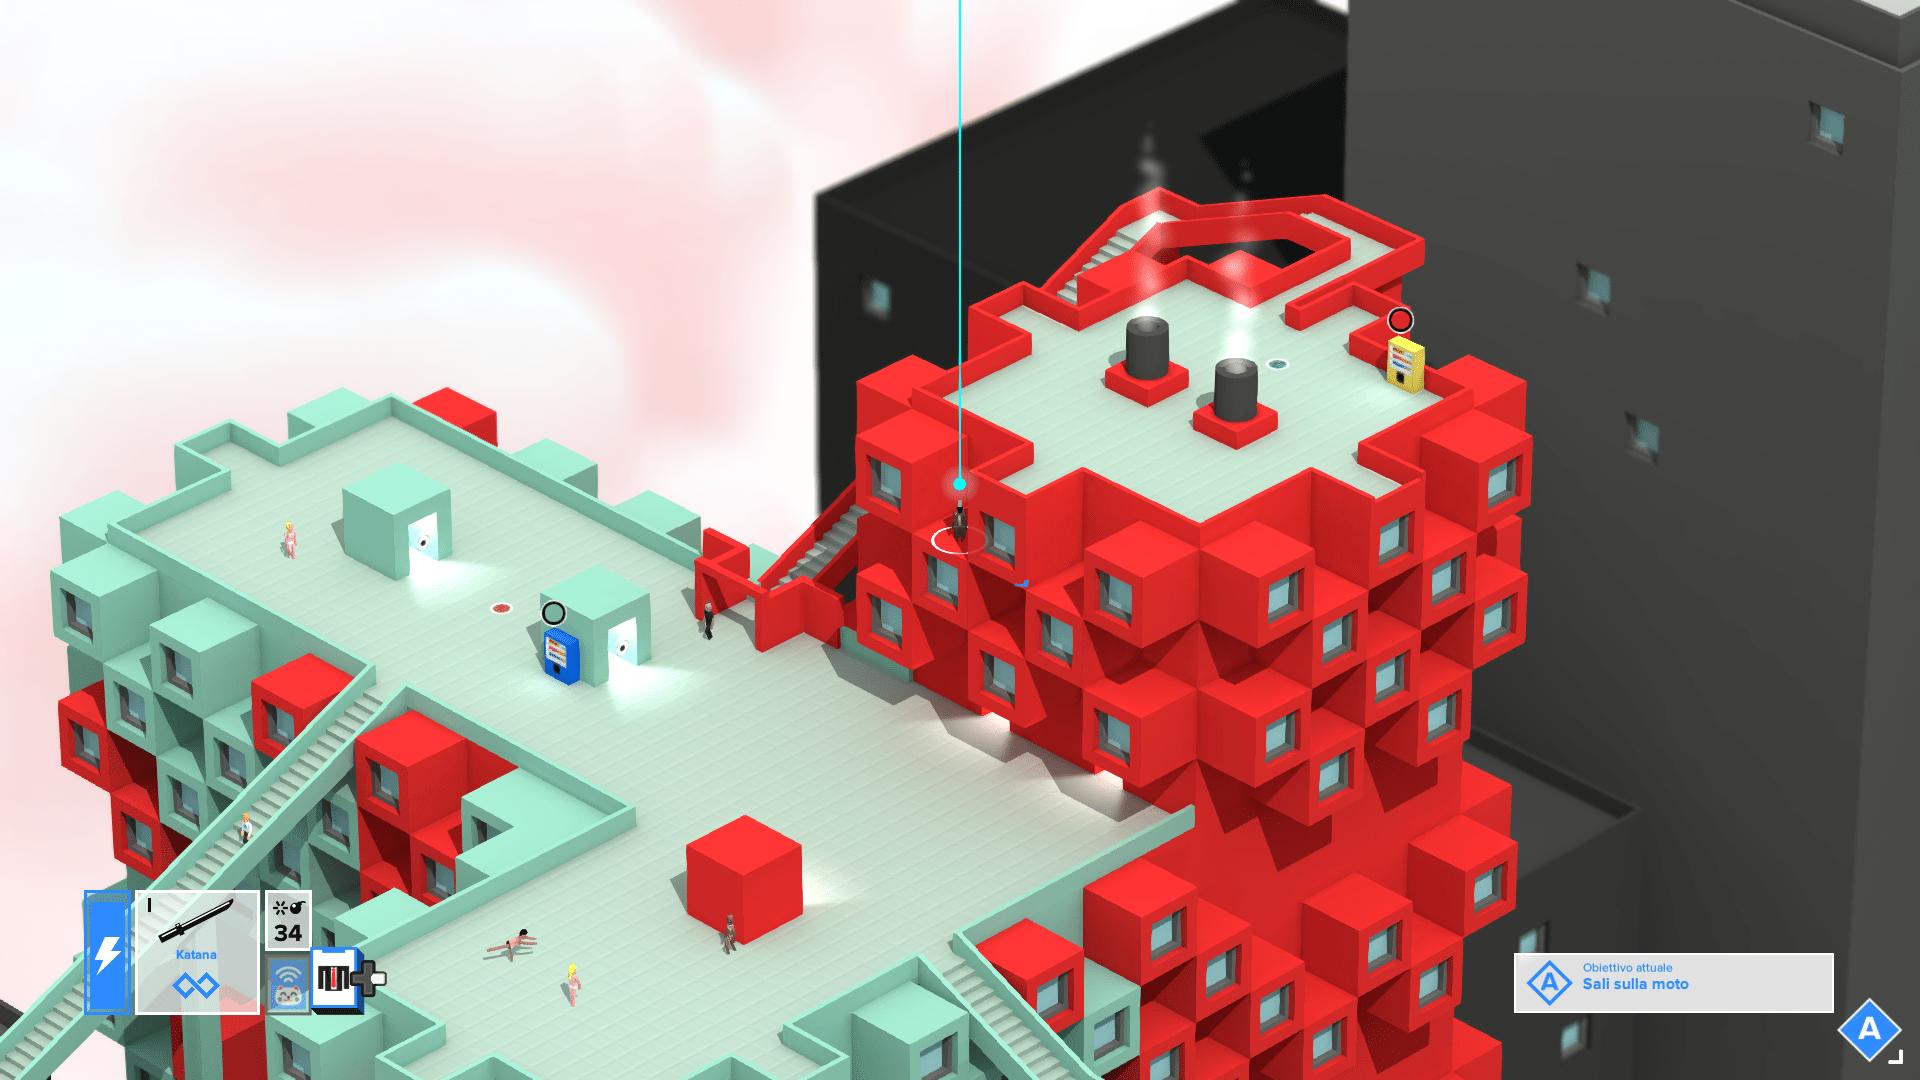 Tokyo 42 - L'aspetto del gioco a volte ci darà la sensazione di essere dentro ad un mondo costruito con dei mattoncini Lego